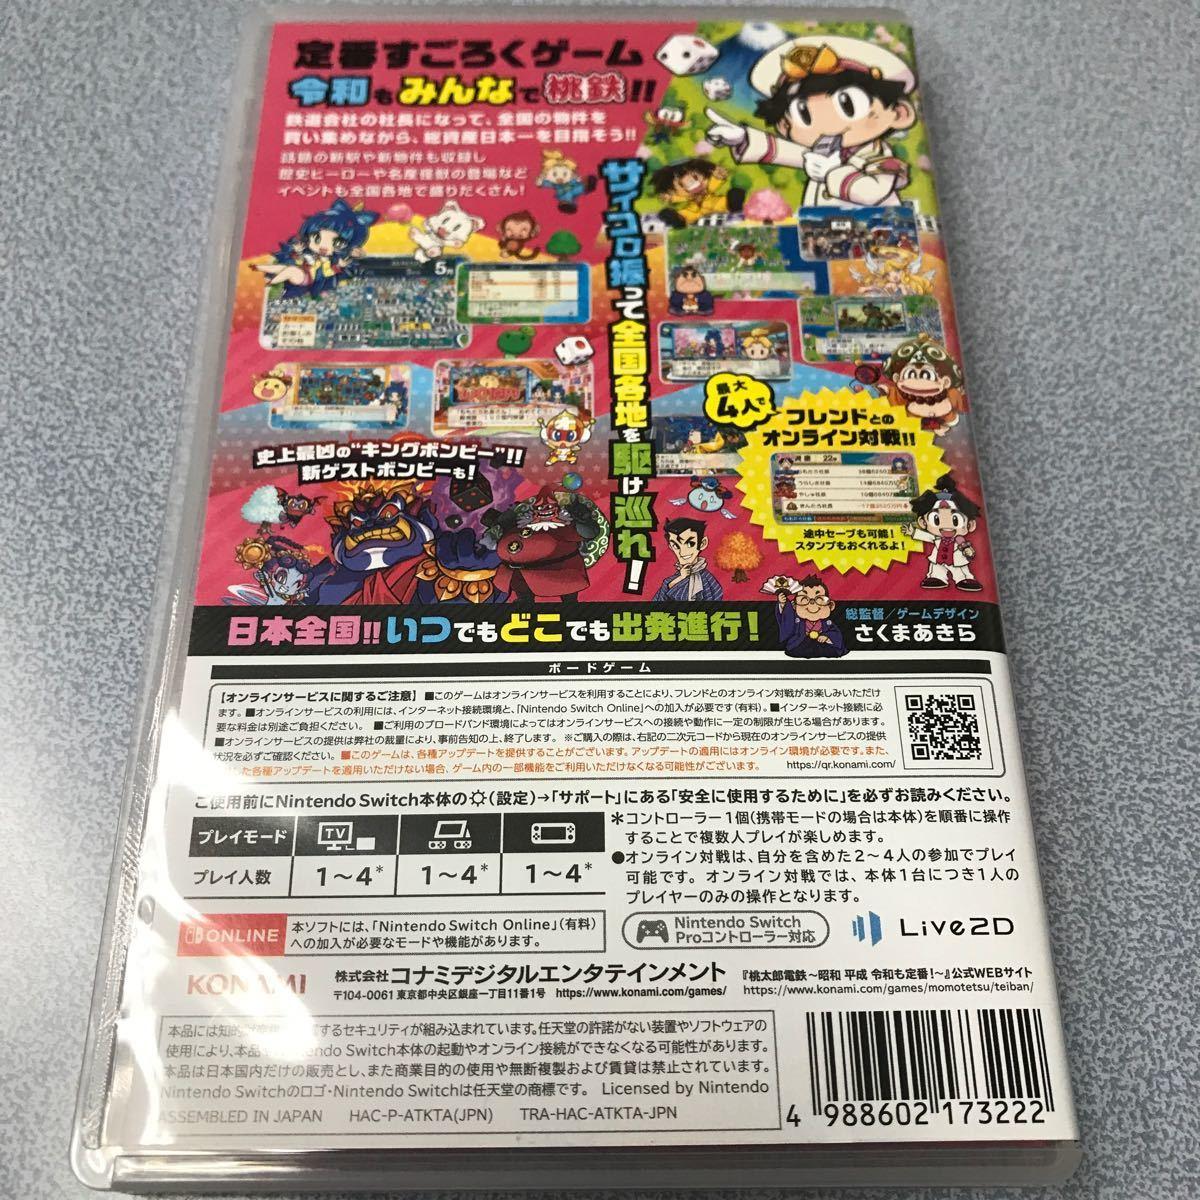 マリオカート8デラックス 桃鉄  Nintendo Switch  ソフト 任天堂